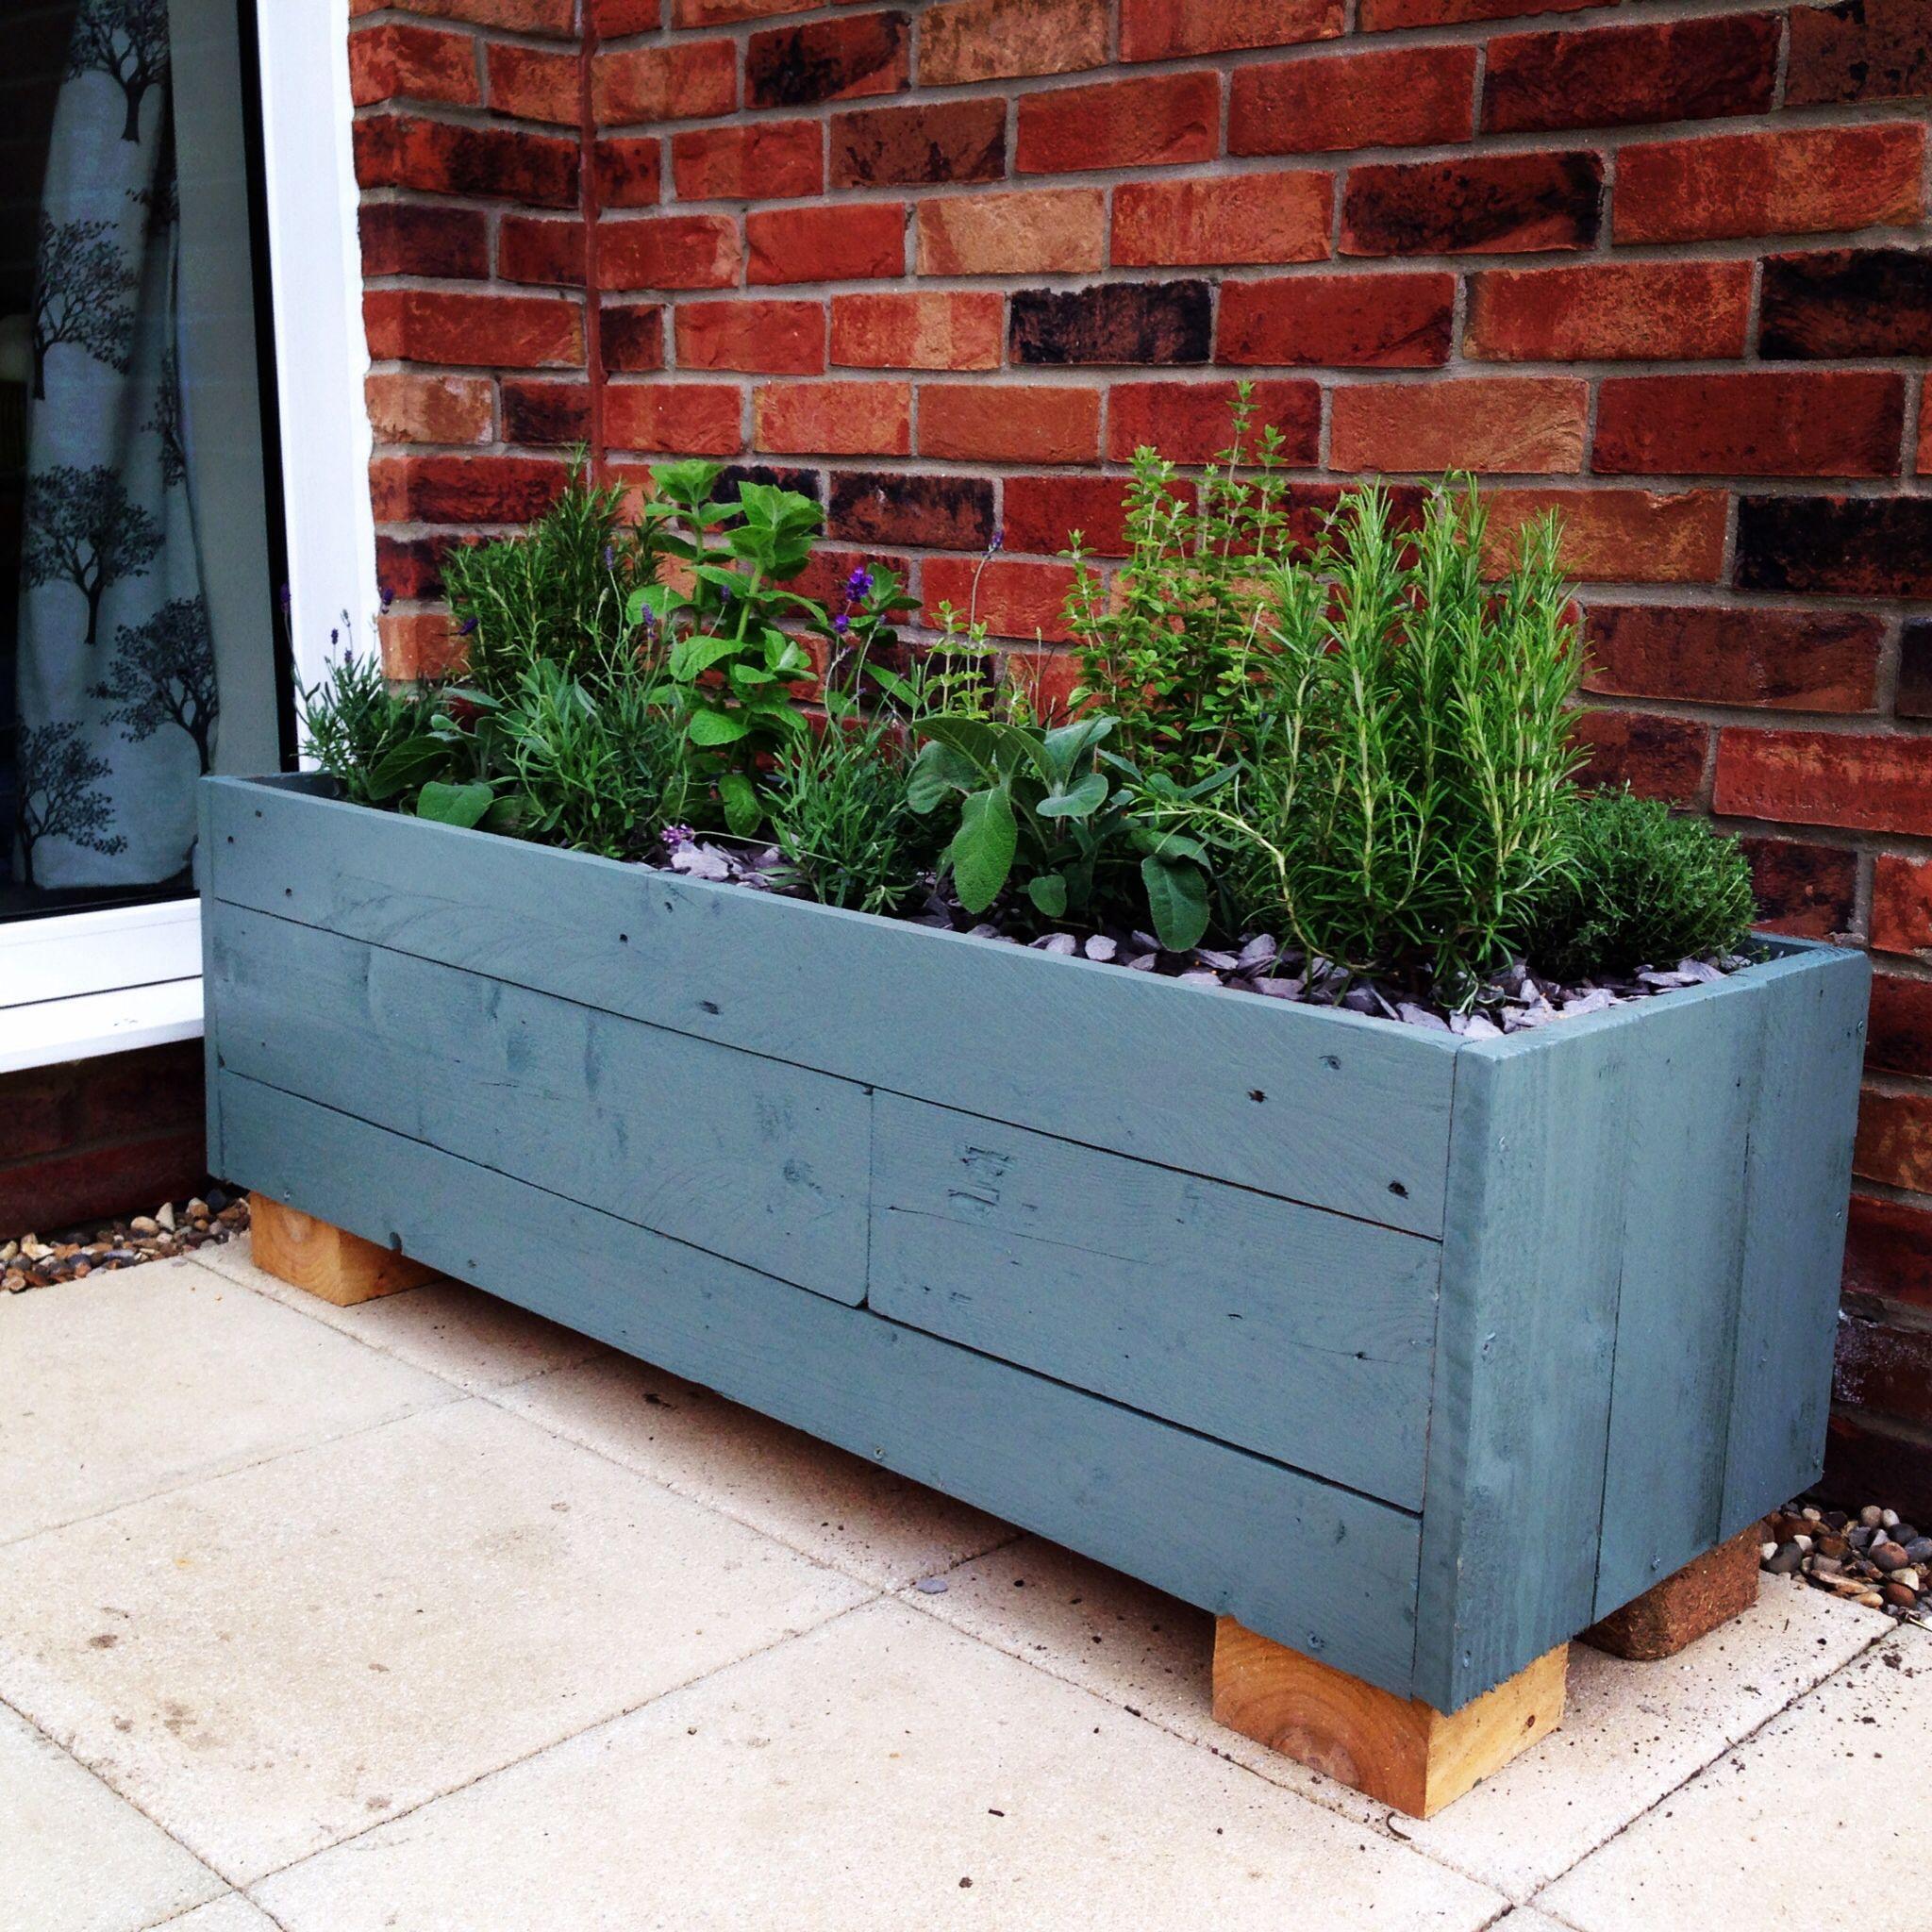 Pallet herb planter | Gardening | Pinterest | Herb planters ...